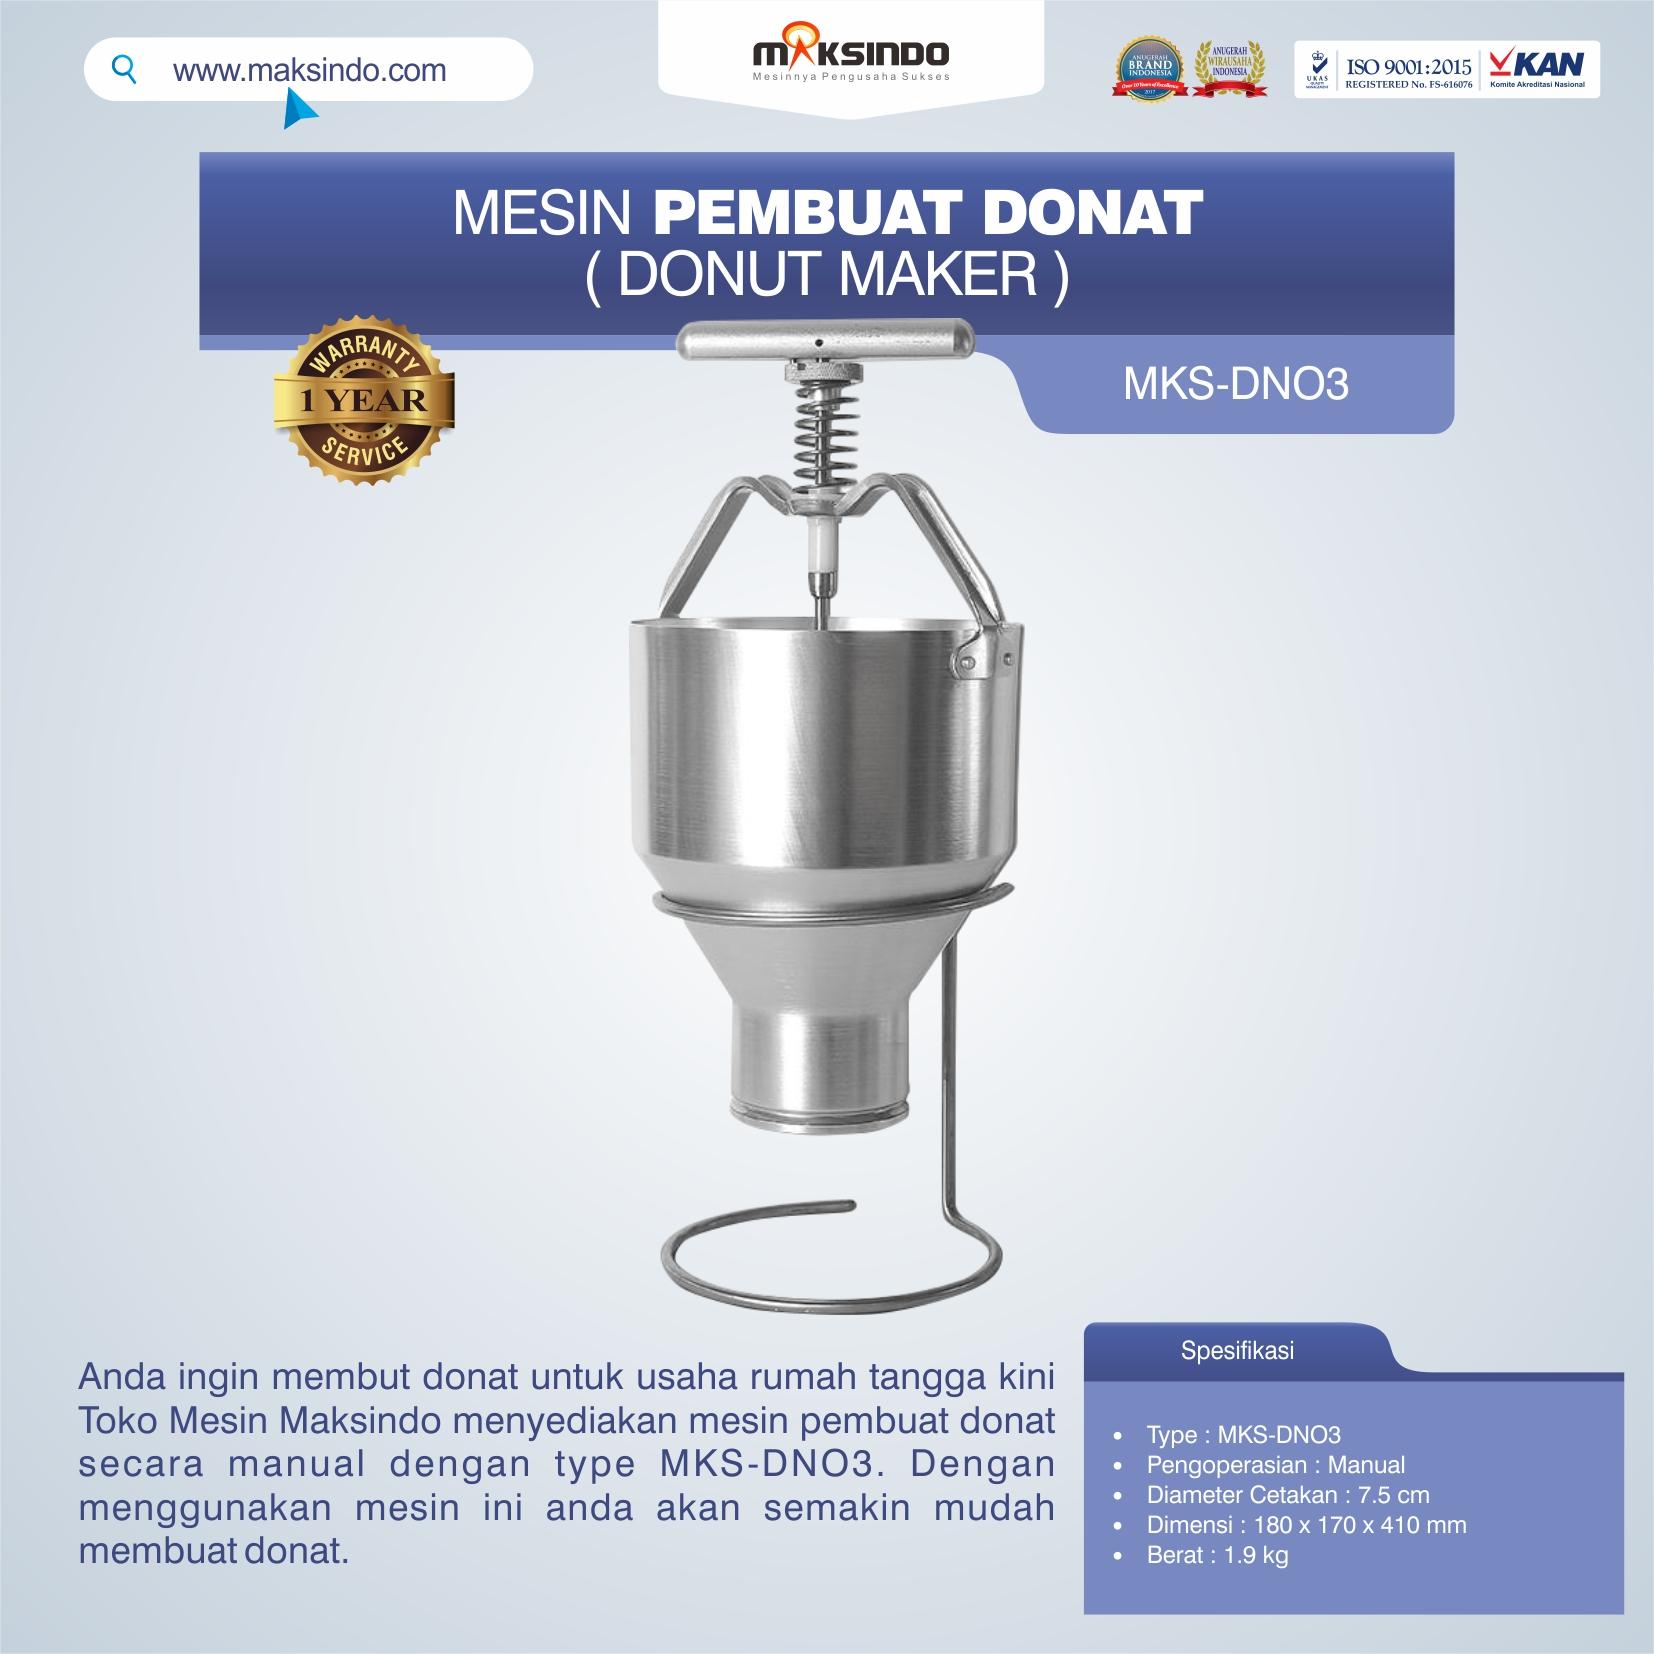 Jual Mesin Pembuat Donat (Donut Maker) MKS-DN03 di Bali